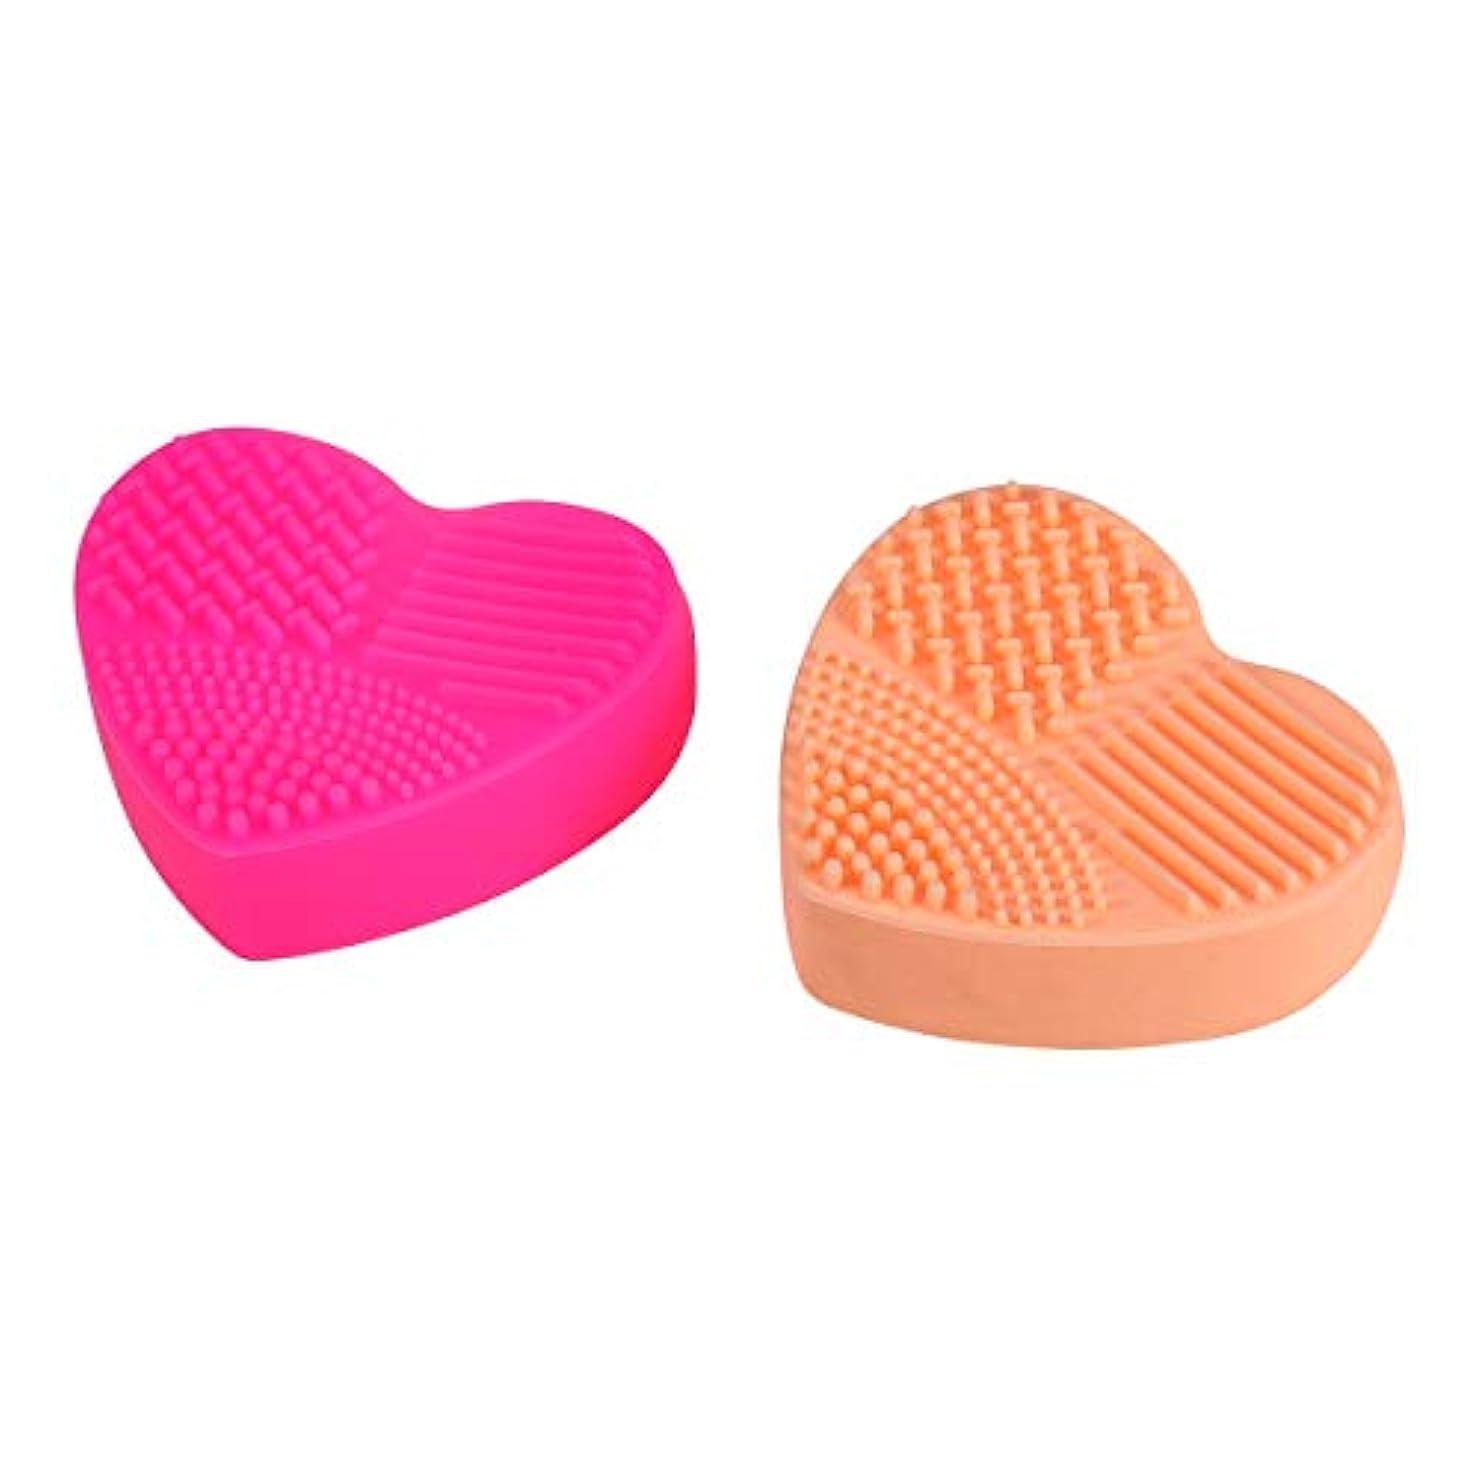 添加ソース緩やかなBeaupretty 2本シリコン化粧ブラシクリーニングマットハート型化粧ブラシクリーニングパッドポータブル洗濯道具(バラ色、オレンジ)